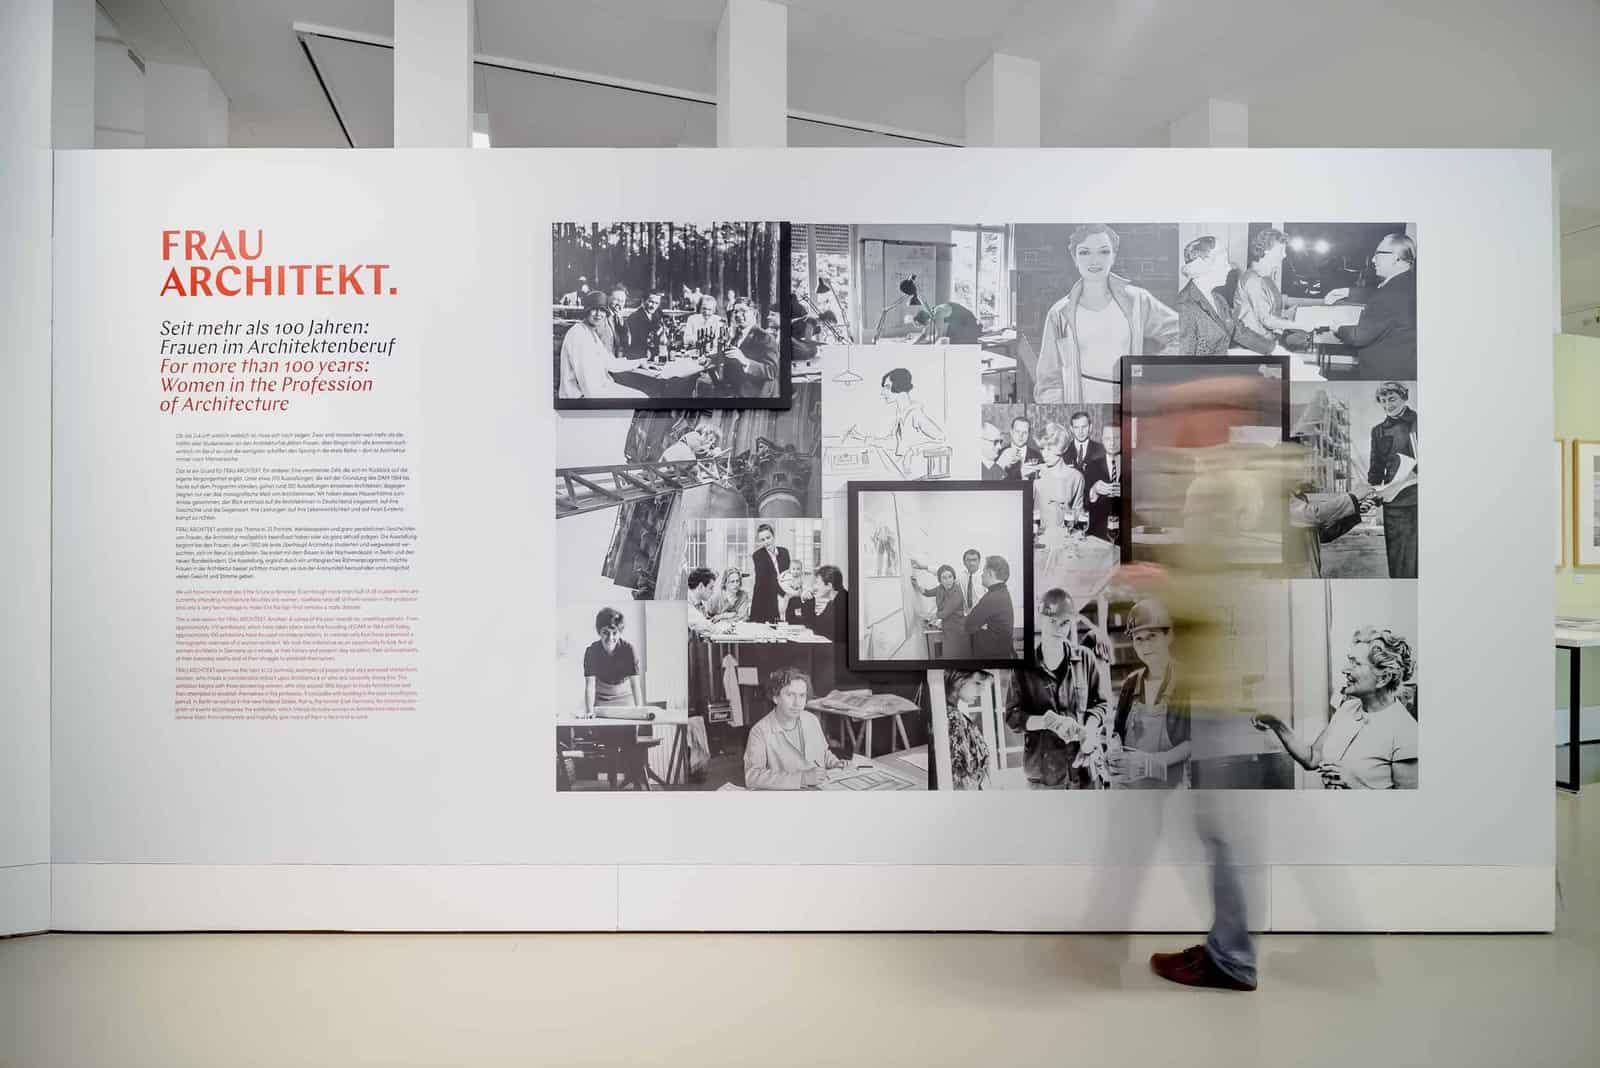 Eindrücke der Ausstellung FRAU ARCHITEKT \ Foto: Moritz Bernoully